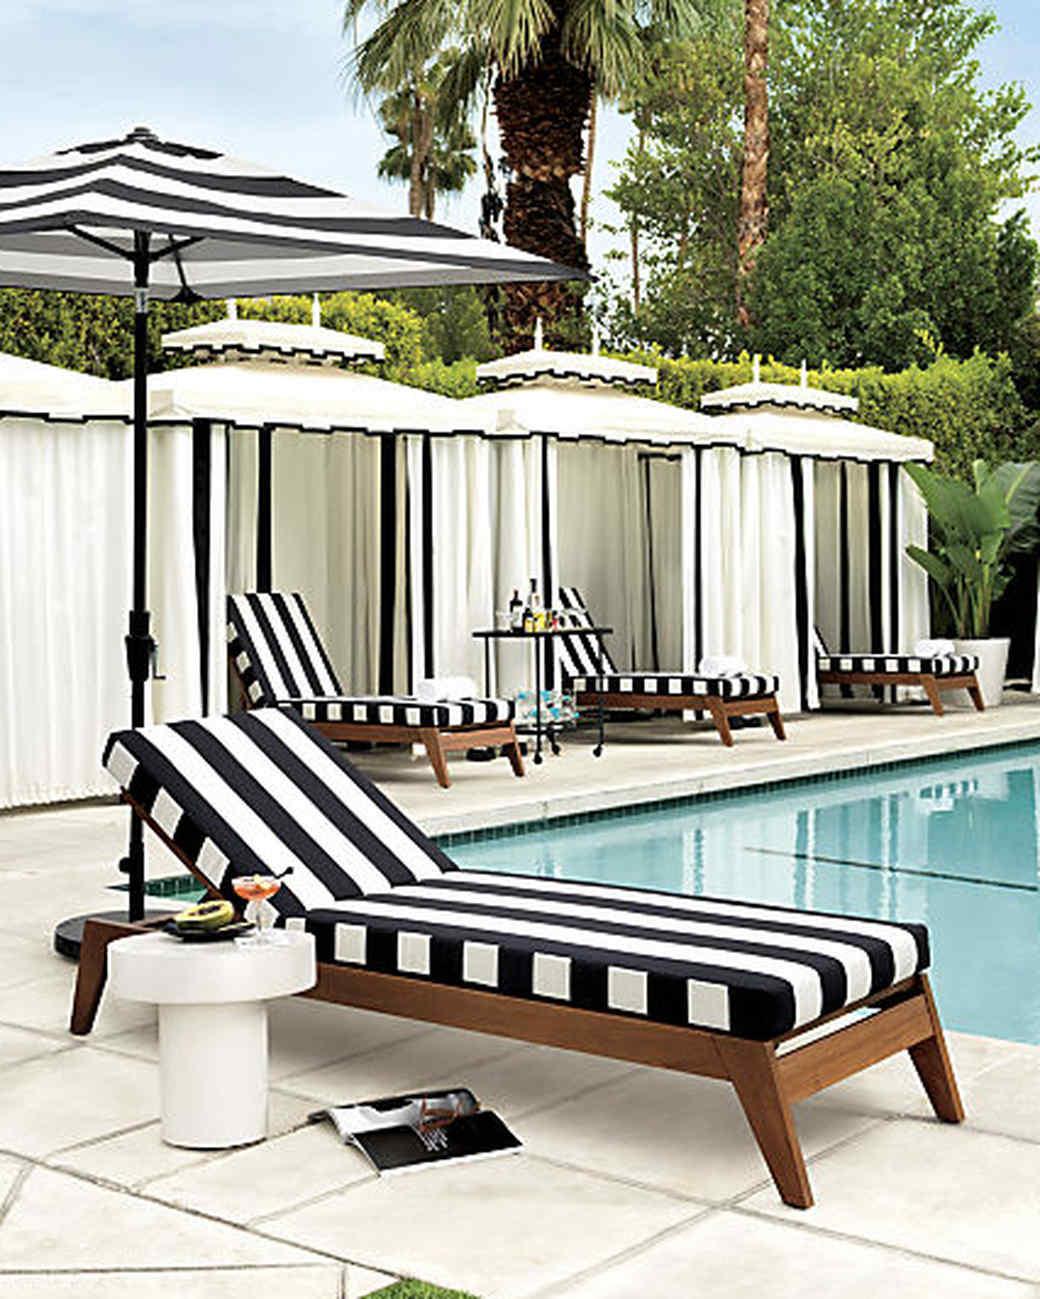 cb2-black-and-white-lounger.jpg